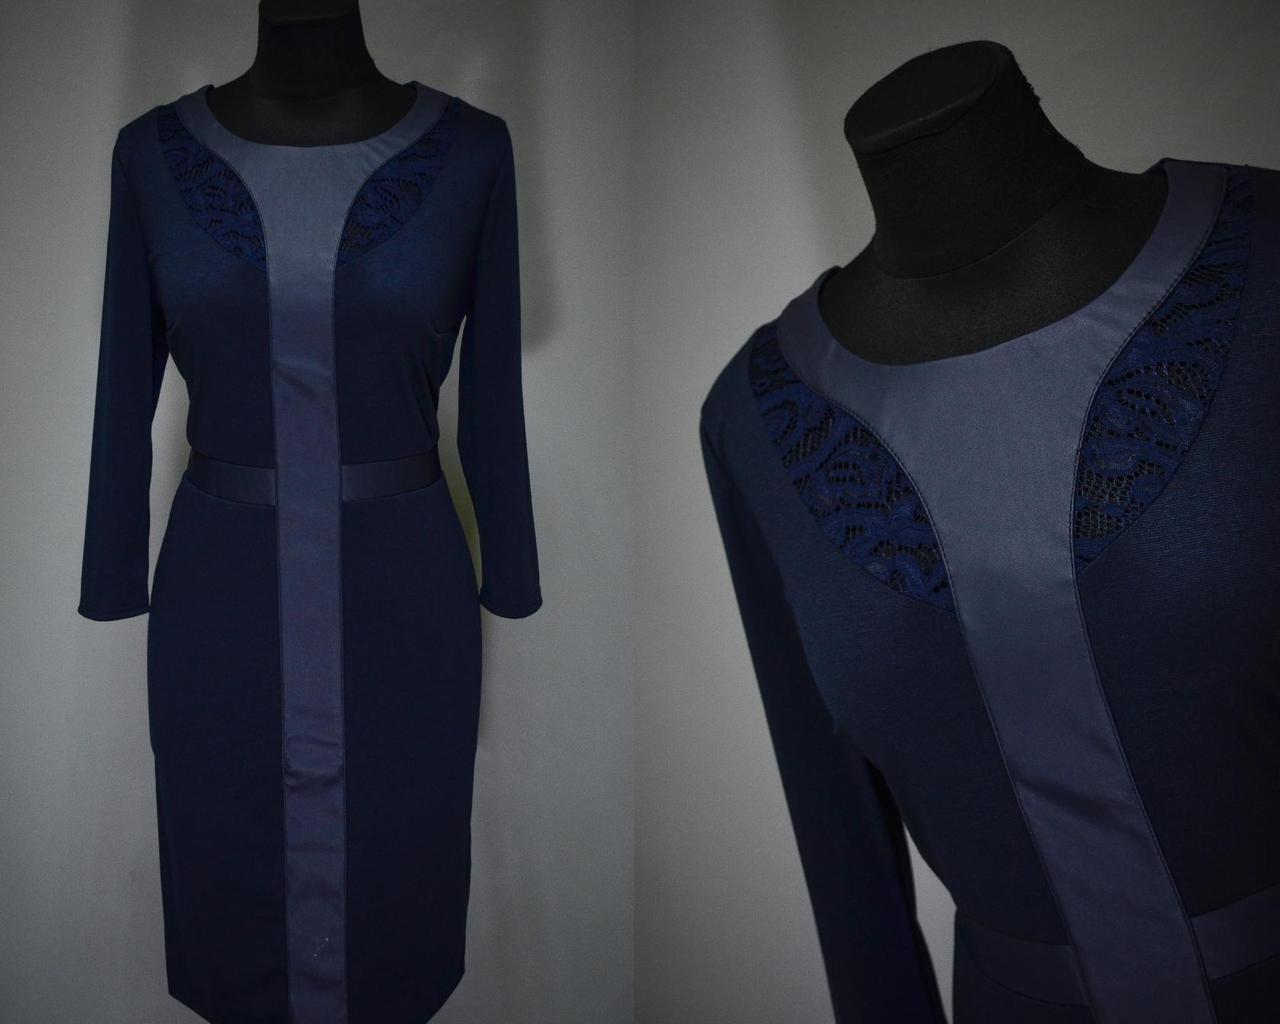 """Красивое женское платье с кружевными вставками из Экокожи """"Французский трикотаж"""" Синий 48, 50, 52, 54 размеры"""